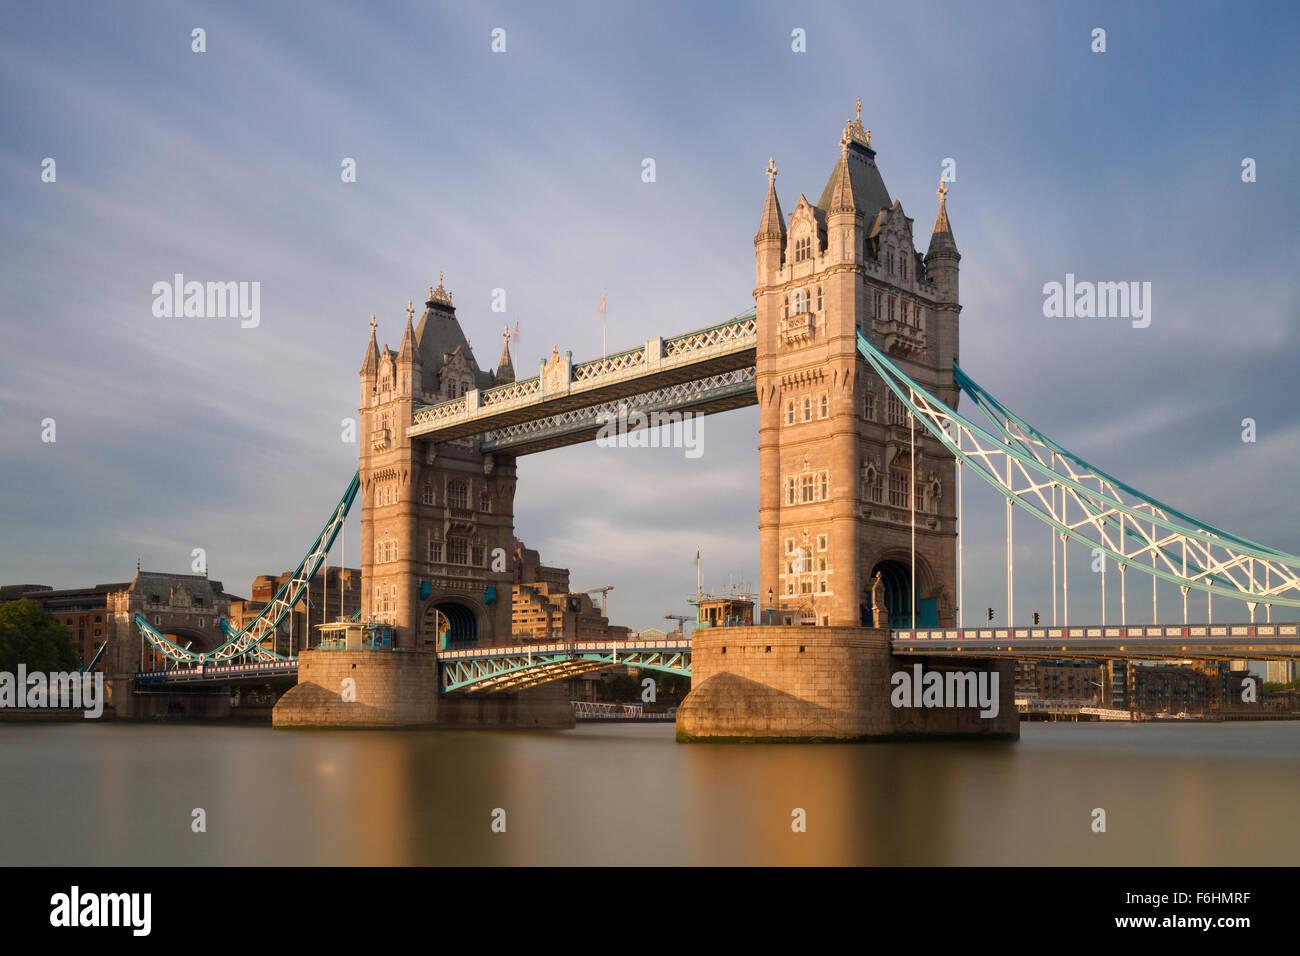 Tower Bridge en el sol vespertino - Versión larga exposición, Londres, Inglaterra Imagen De Stock